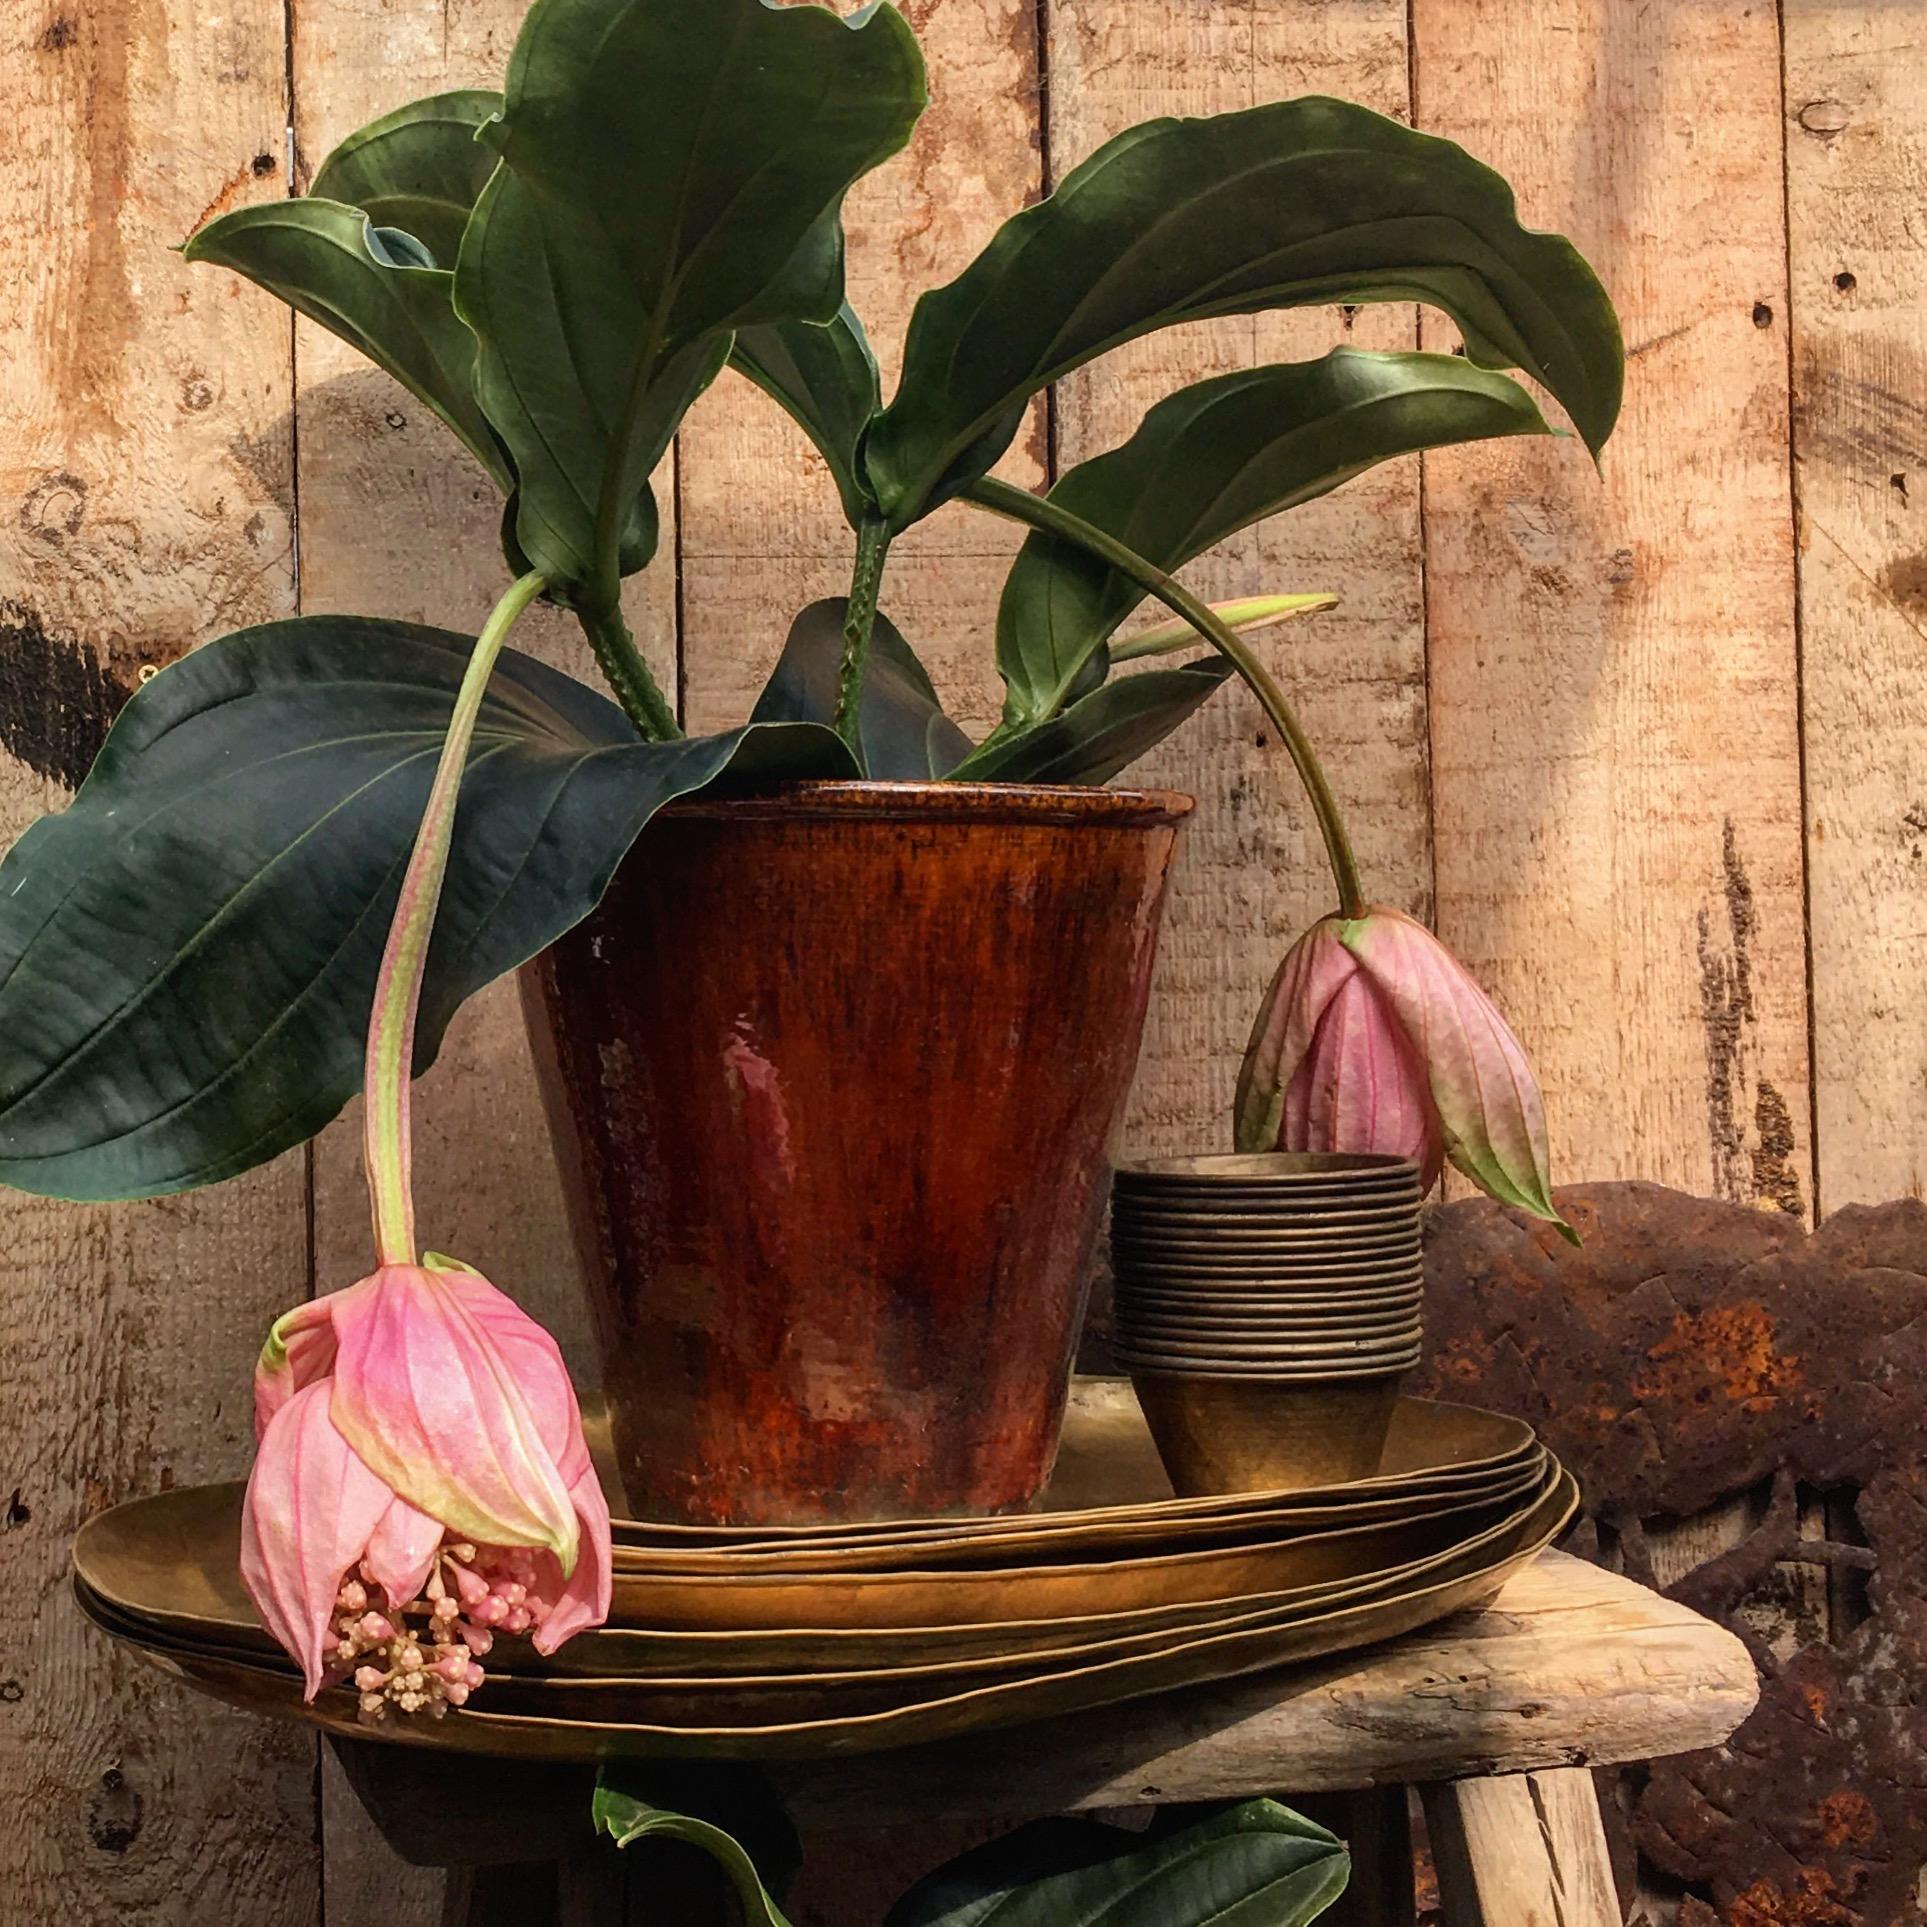 Petersham-Nurseries-Plants-Flowers-Queensmith-Loves-Hatton-Garden-Jewellers